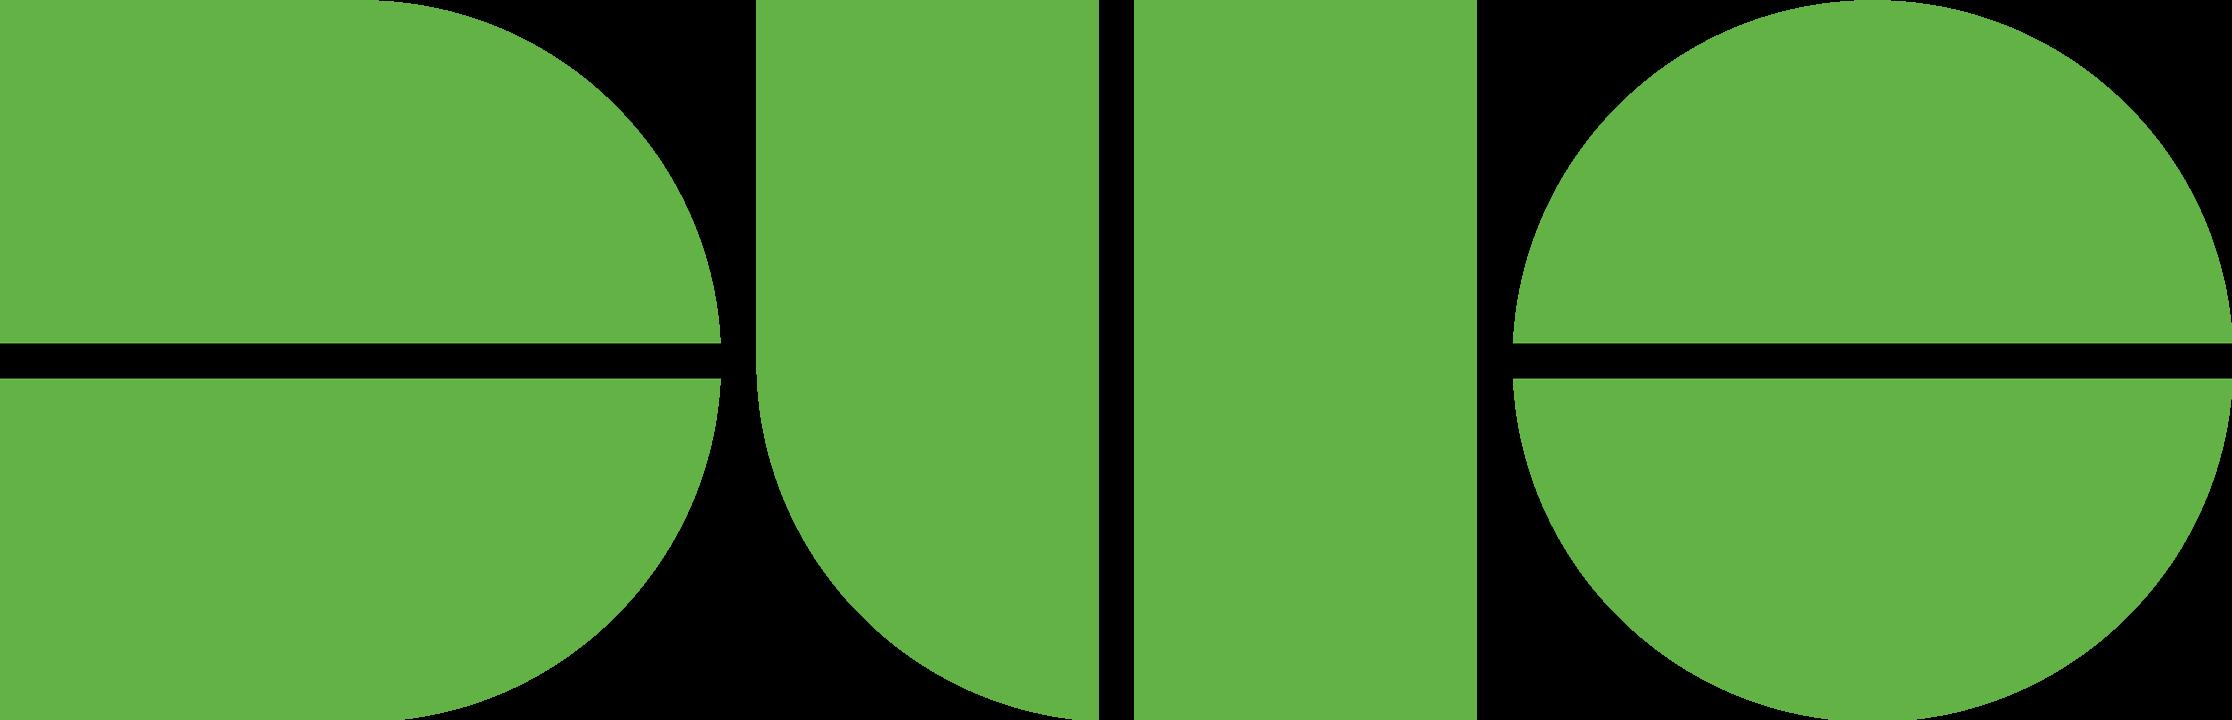 logo-Duo-Security.png